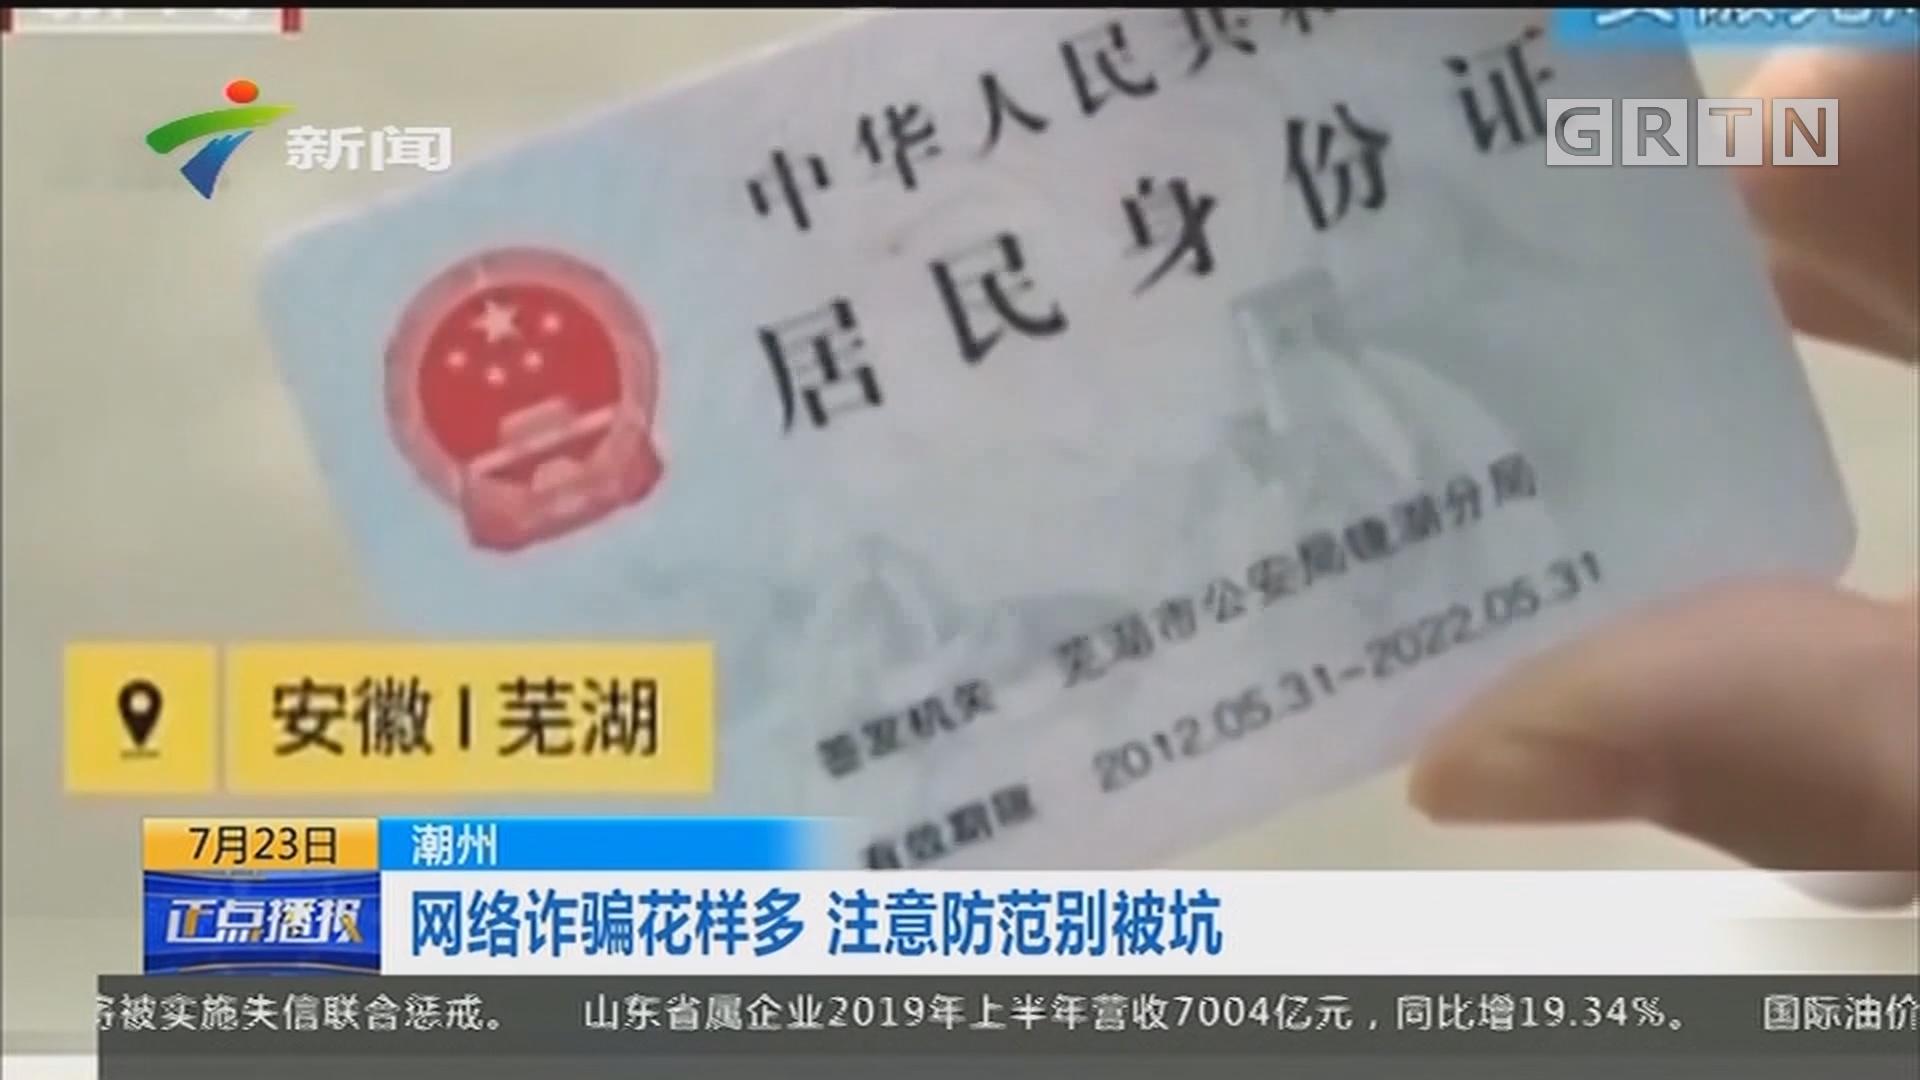 潮州:网络诈骗花样多 主要防范被被坑